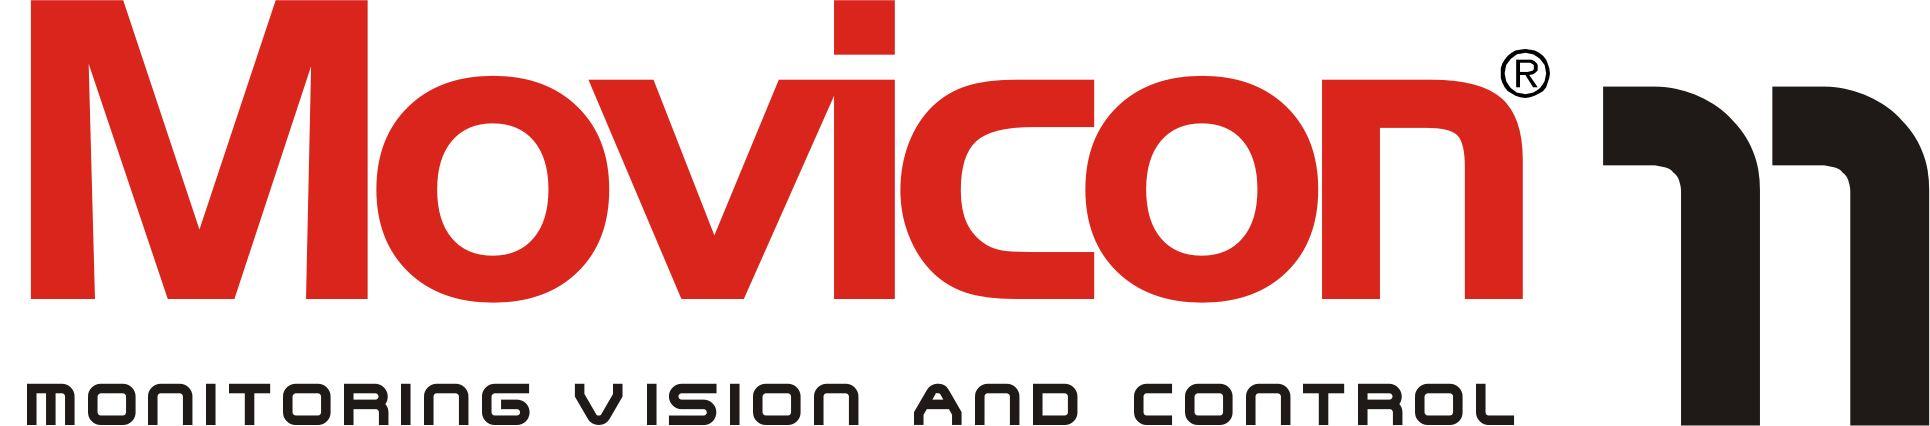 Movicon 11